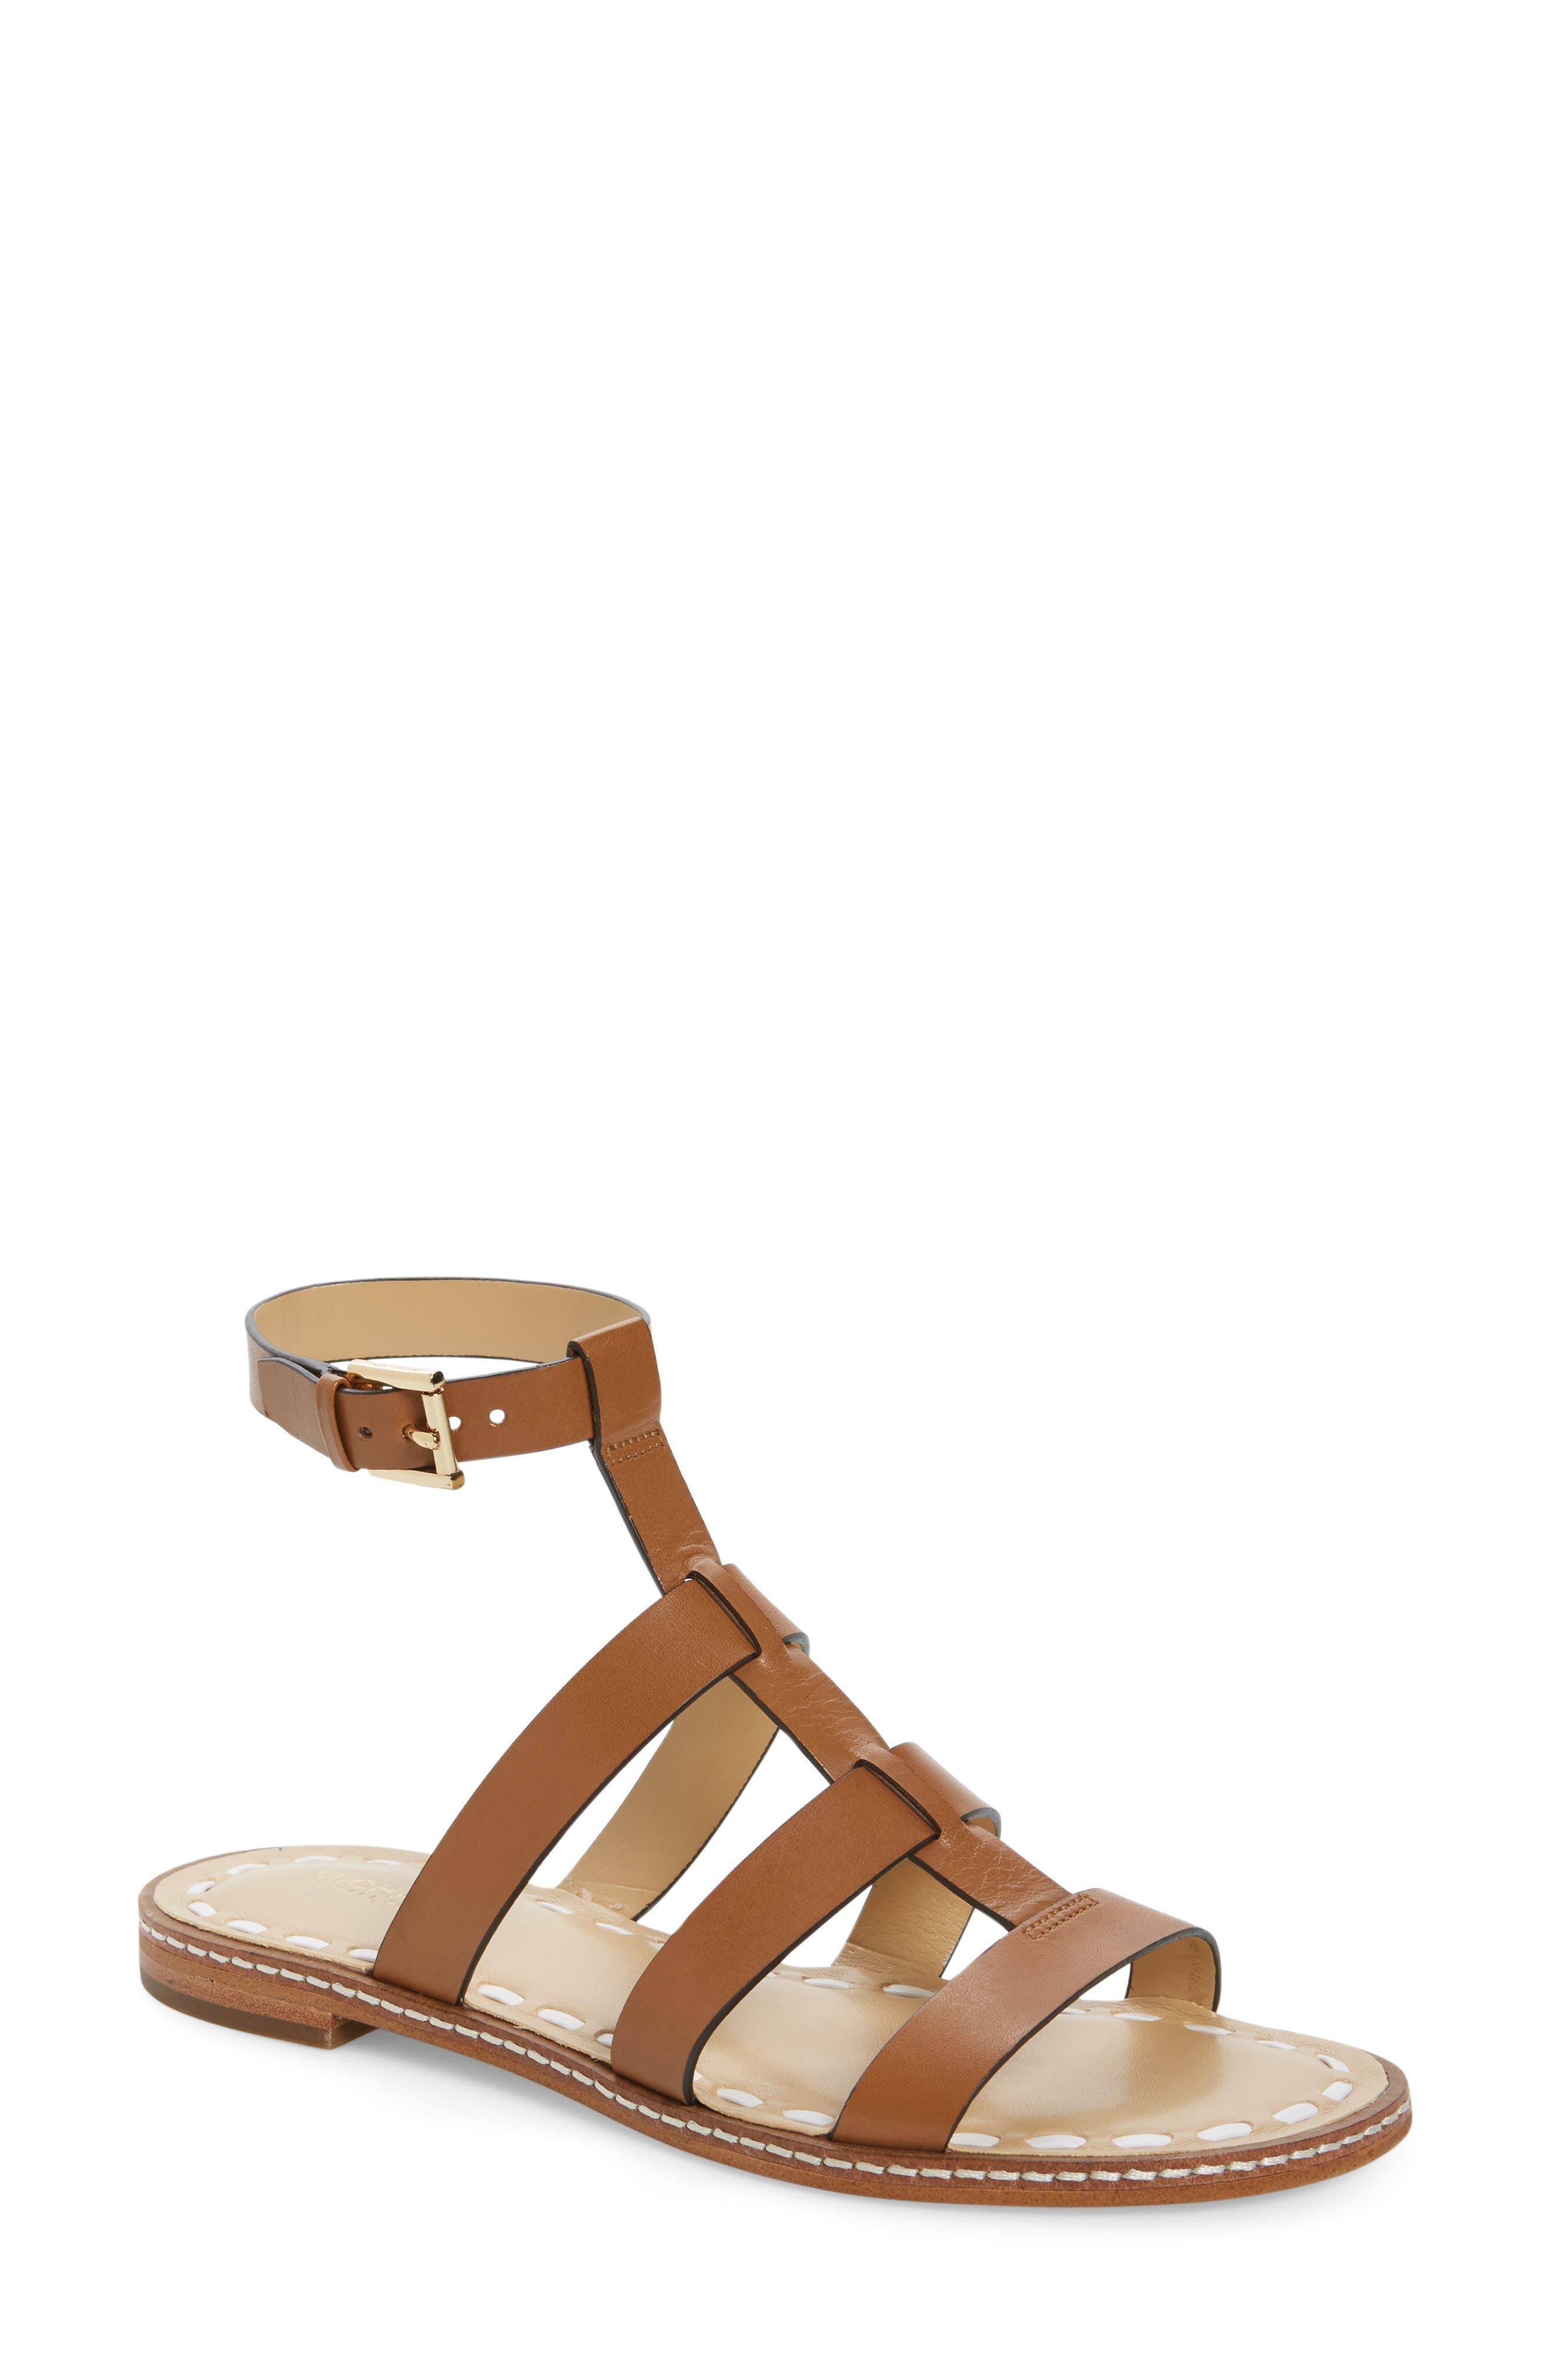 Fallon Gladiator Sandal,                             Main thumbnail 1, color,                             Acorn/ White Leather